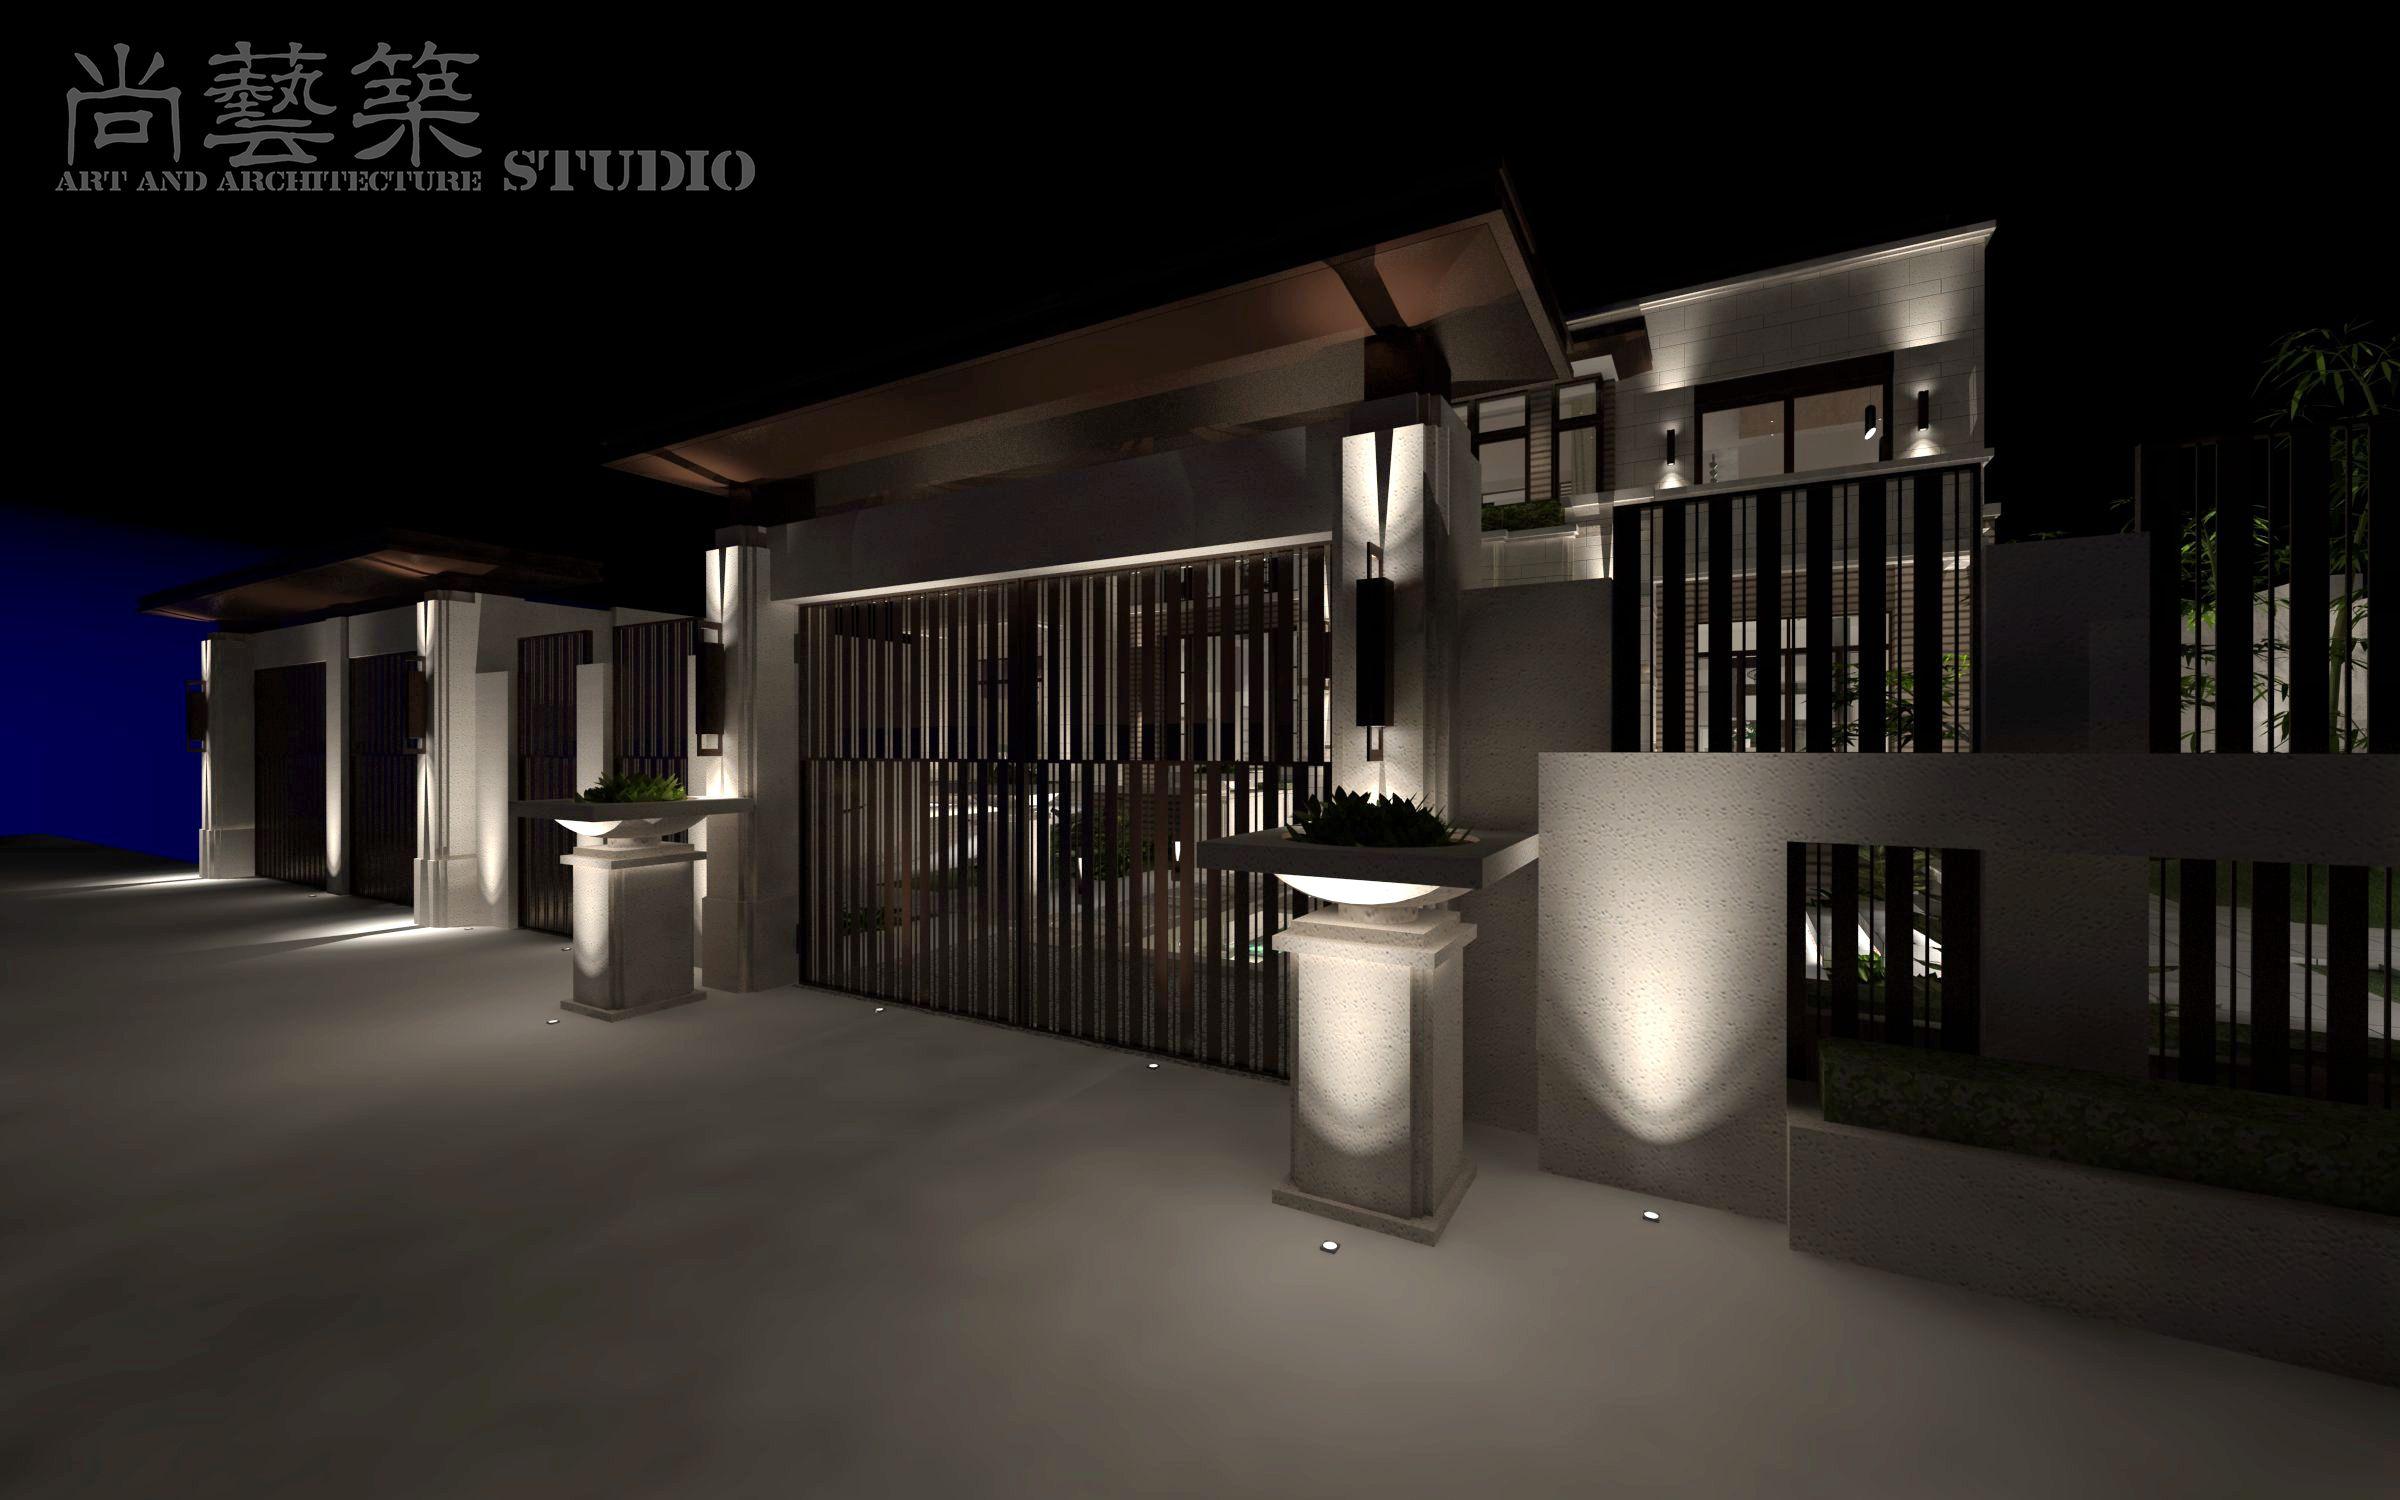 尚艺筑空间艺术设计工作室 私家宅邸建筑景观室内一体化定制设计作品之——鄂宅 Interior design